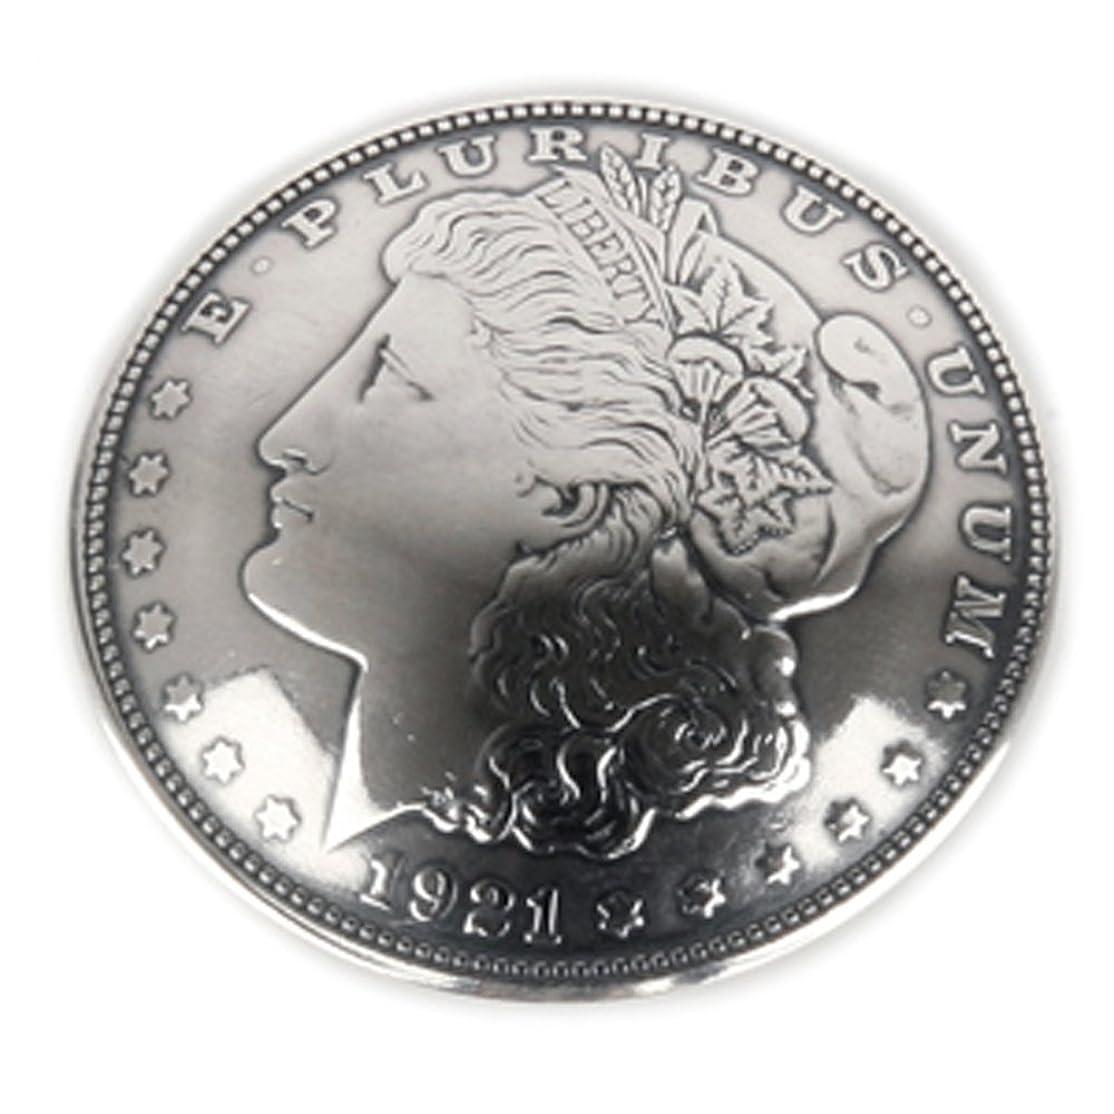 再集計アラーム文言オールドコイン 本物 シルバー パーツ カスタム : USAアンティーク 1ドルコンチョ【モルガン】